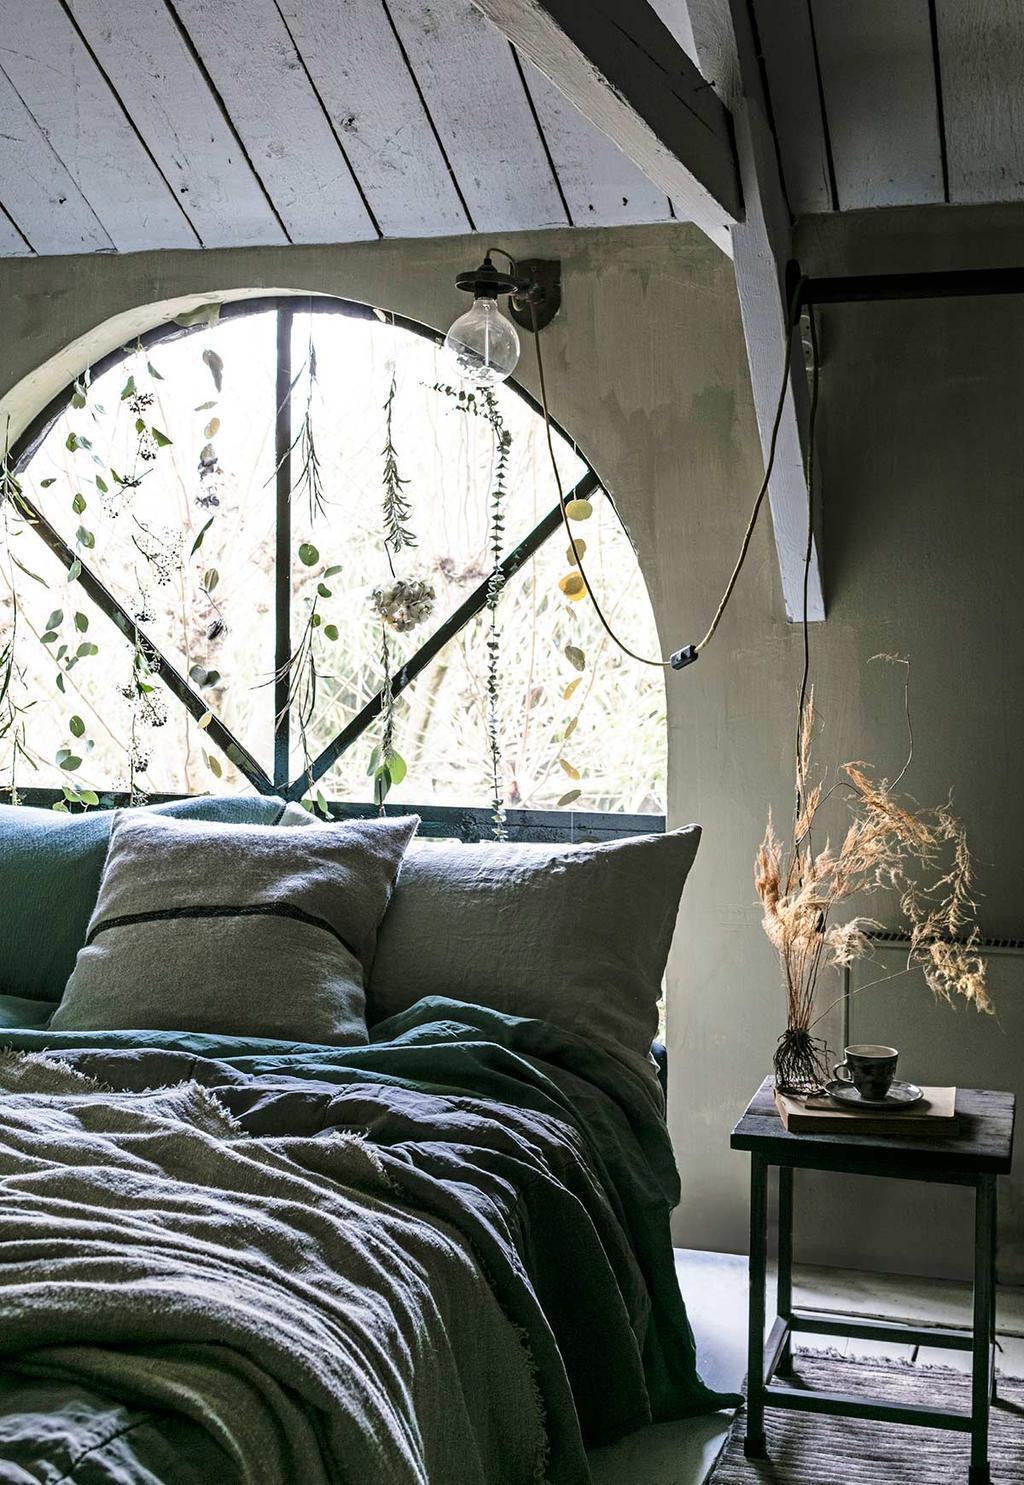 Planten- en bloemengordijn in de slaapkamer